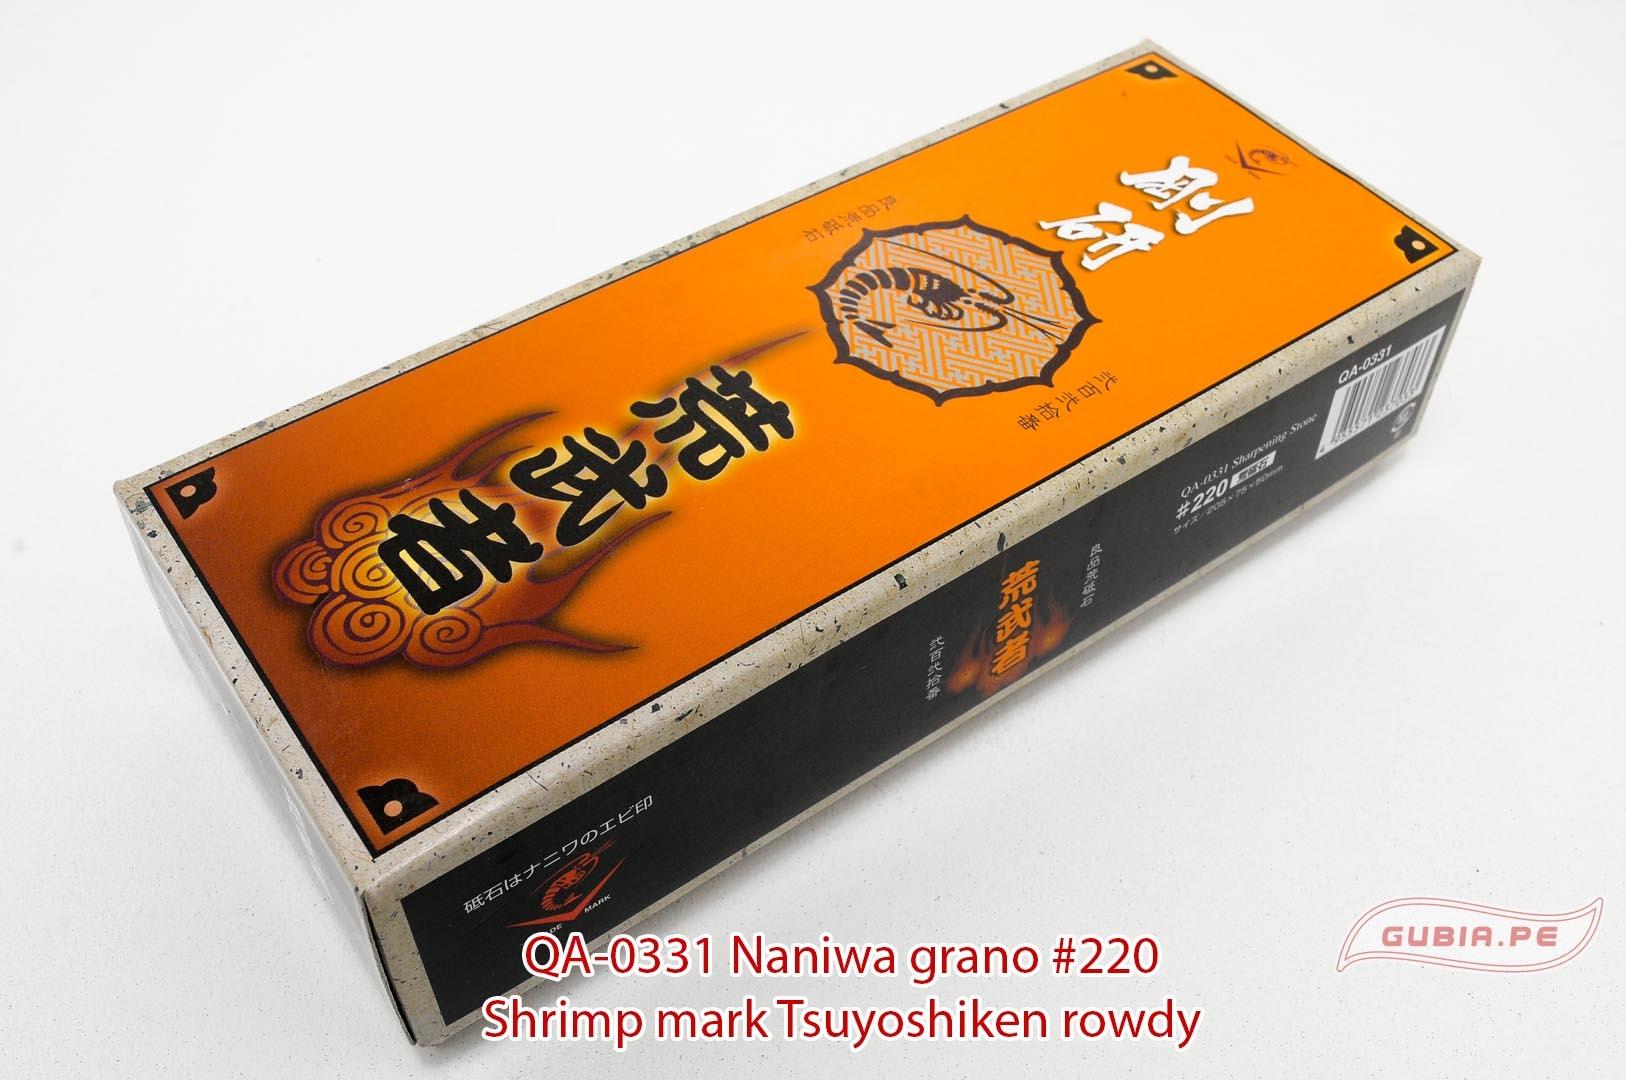 QA-0331-Piedra de afilar reparar filo 220 Tsuyoshiken Naniwa QA-0331-max-4.